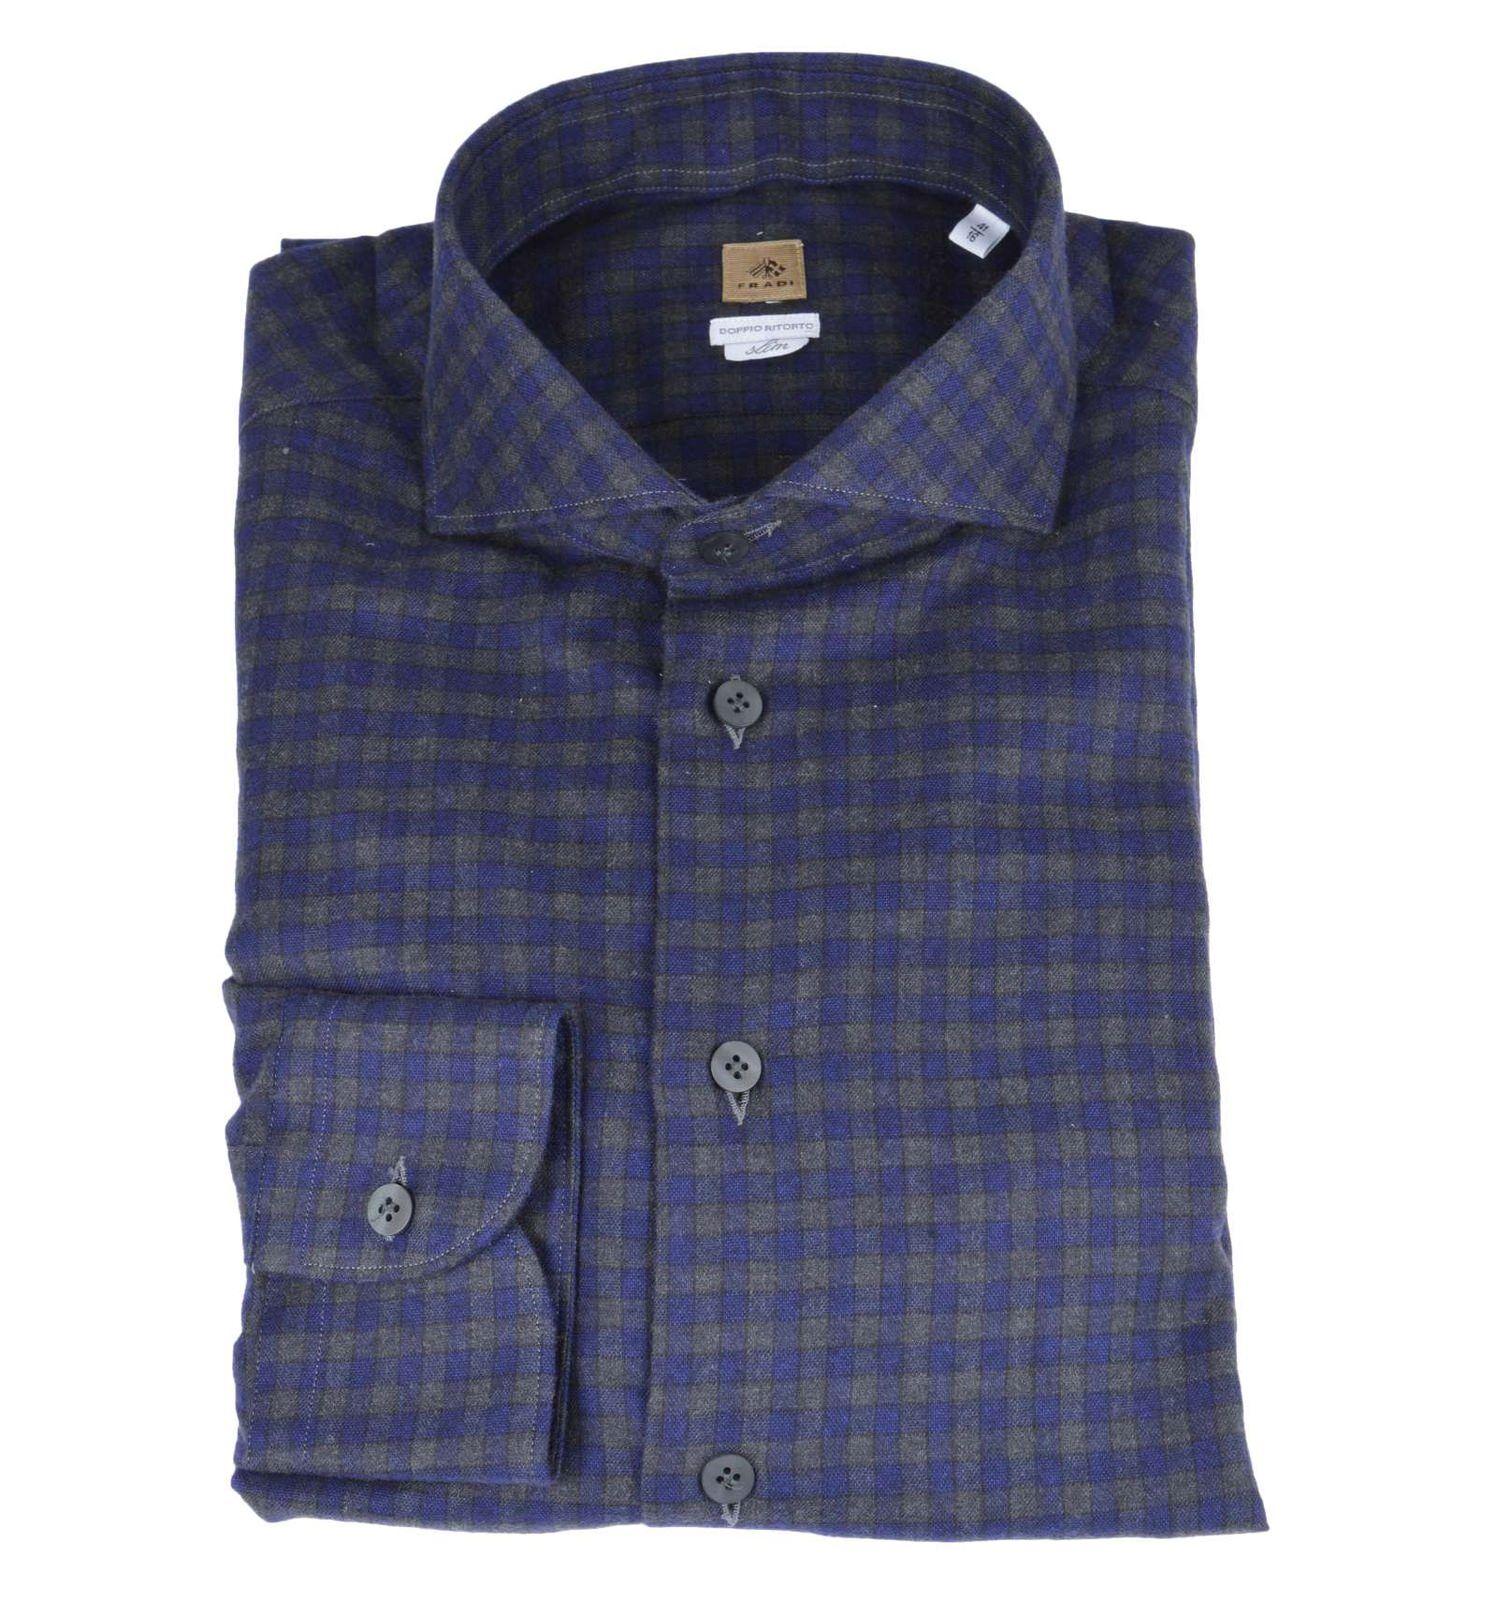 FRADI uomo camicia camicia camicia quadri blu grigio flanella slim CN6333 0551 fb7c41